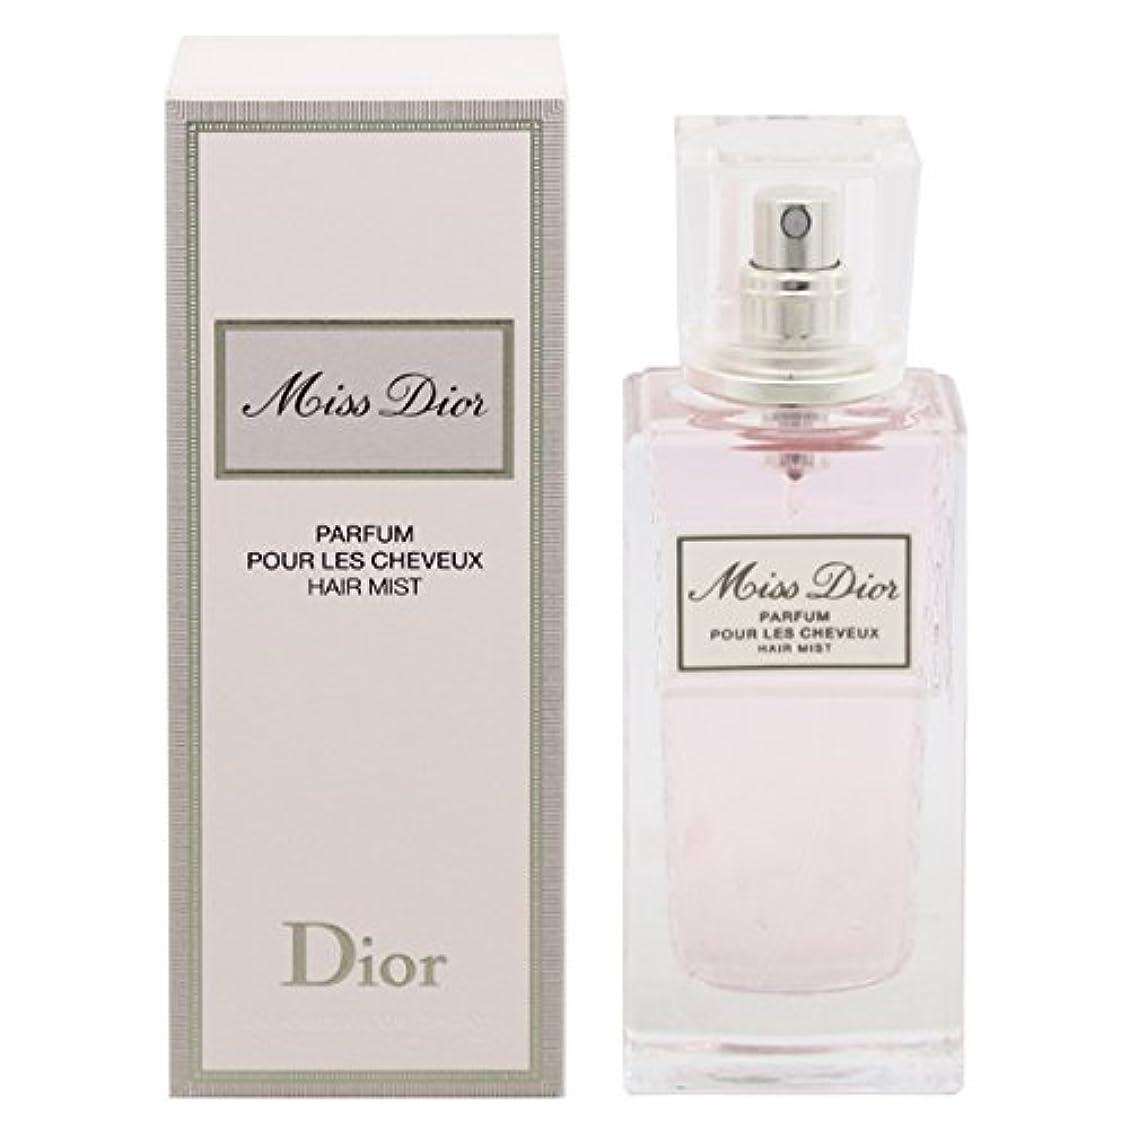 派生する回復するサイズクリスチャン ディオール(Christian Dior) ミス ディオール ヘア ミスト 30ml[並行輸入品]